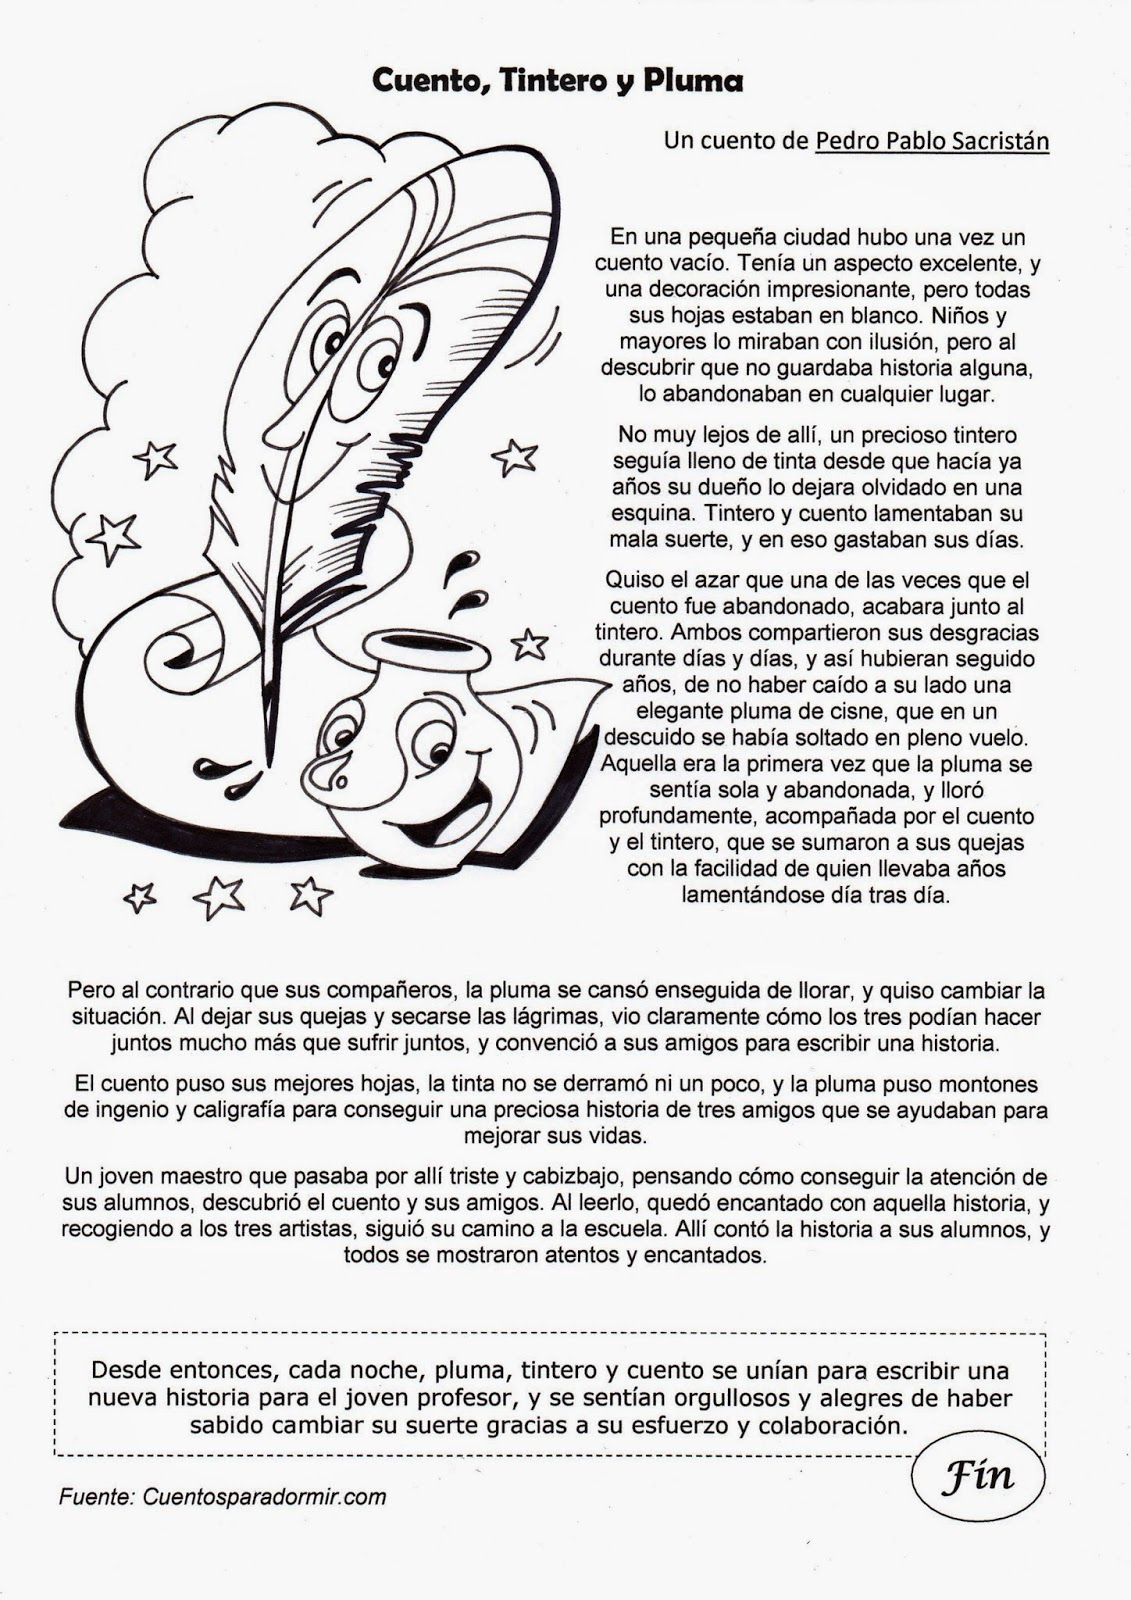 El Rincón de las Melli: Cuento: Cuento, tintero y pluma